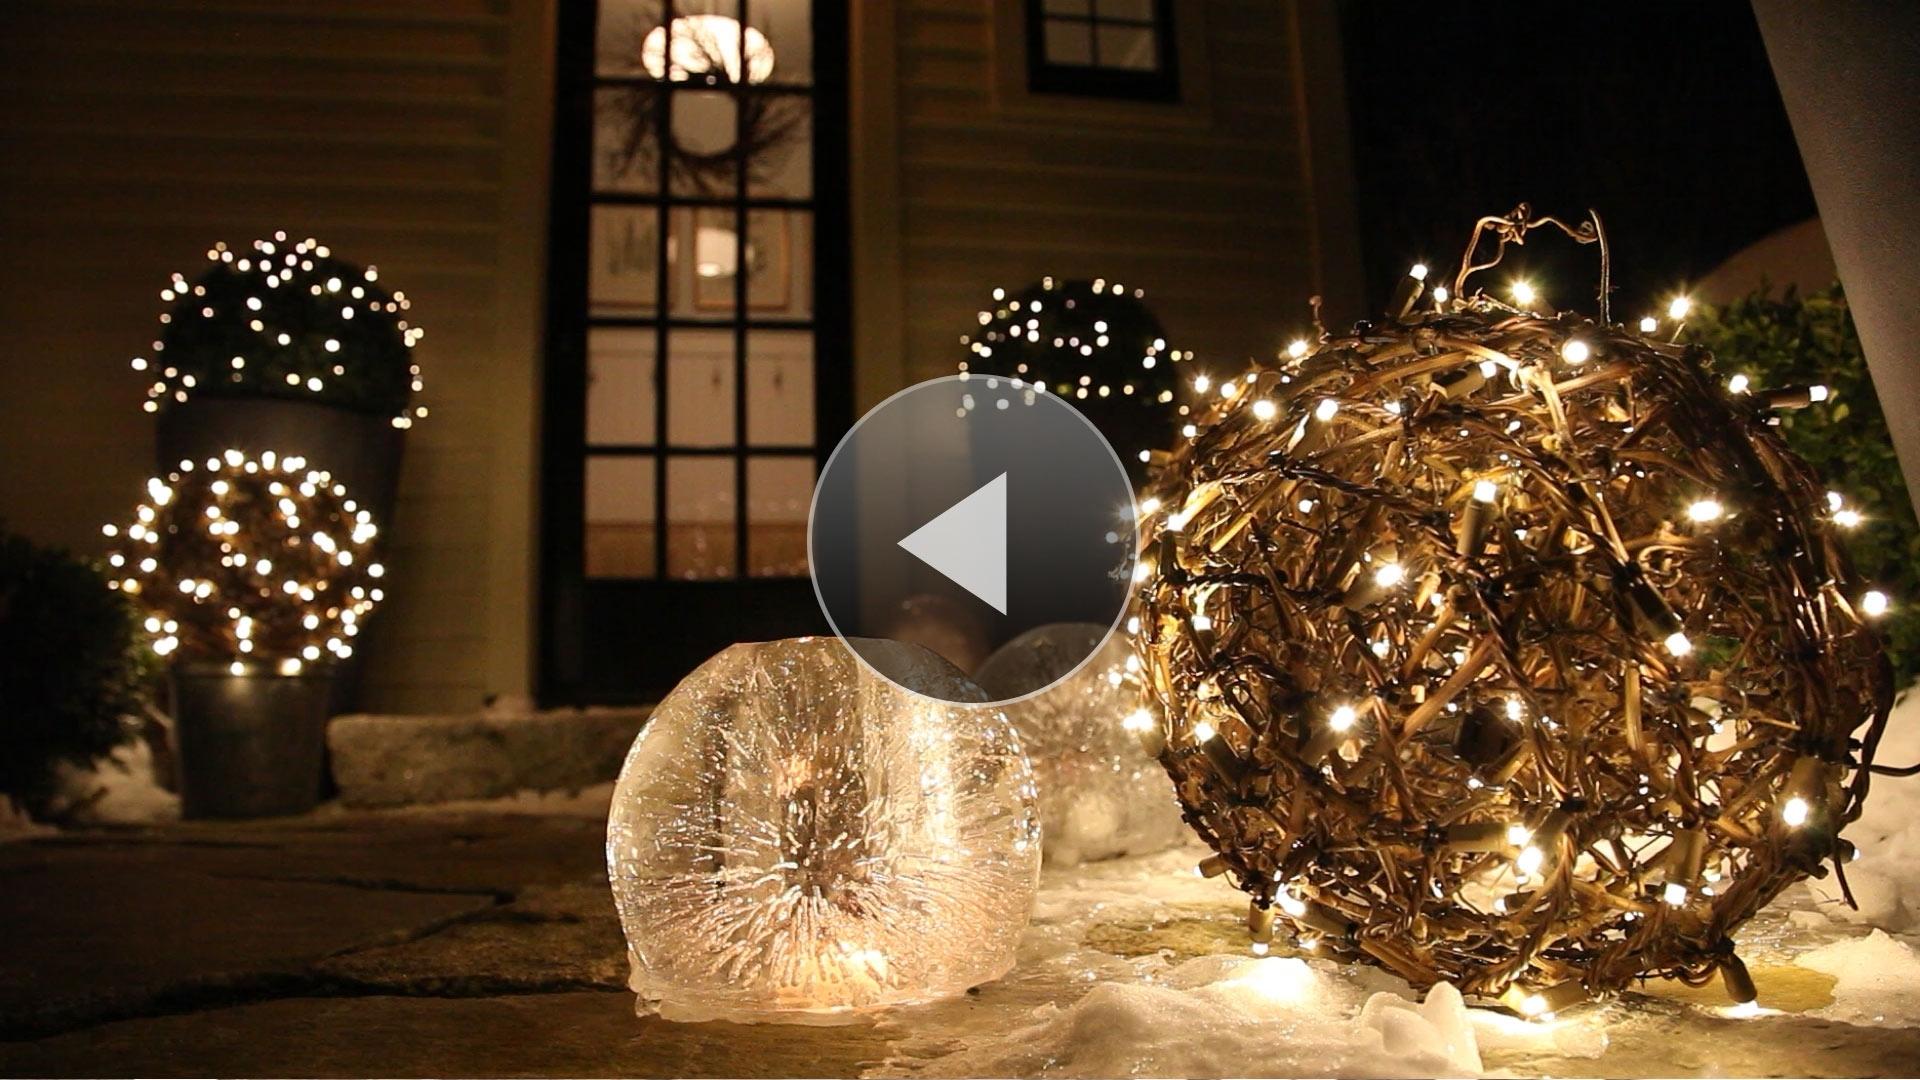 Favorite Outdoor Hanging Sphere Lights In Diy : Outdoor Hanging Lit Spheres Balsam Hill Garden Sphere Lights (View 9 of 20)